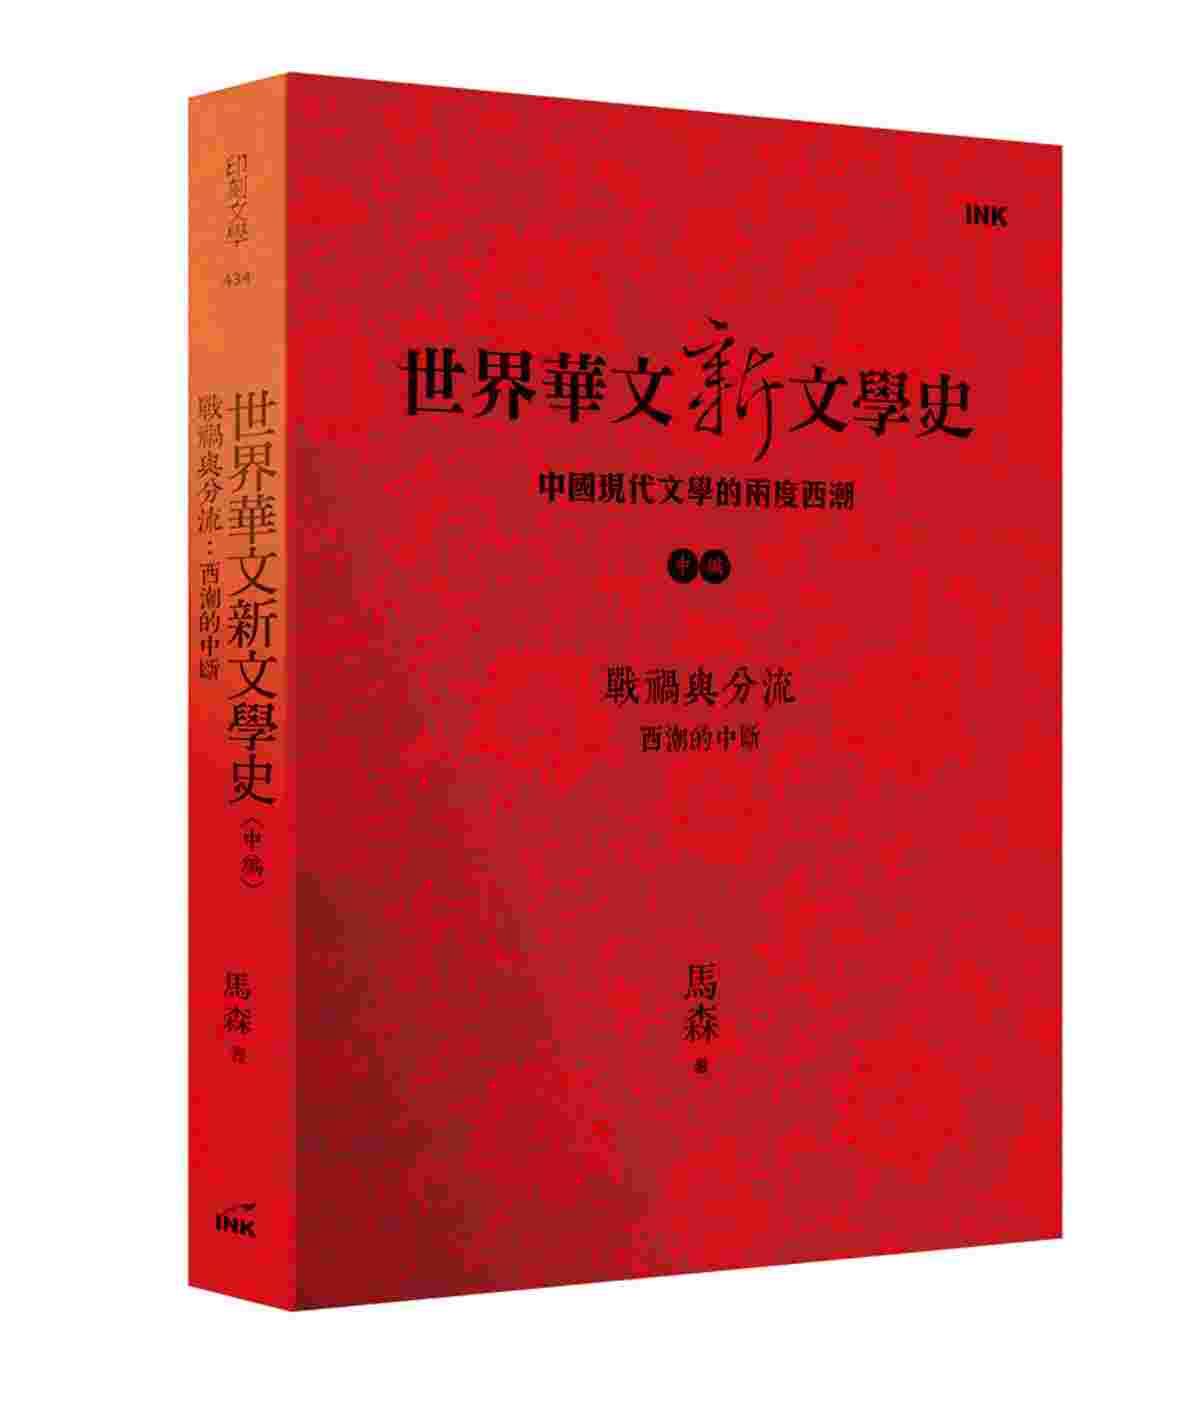 世界華文新文學史(中編):戰禍與分流 西潮的中斷